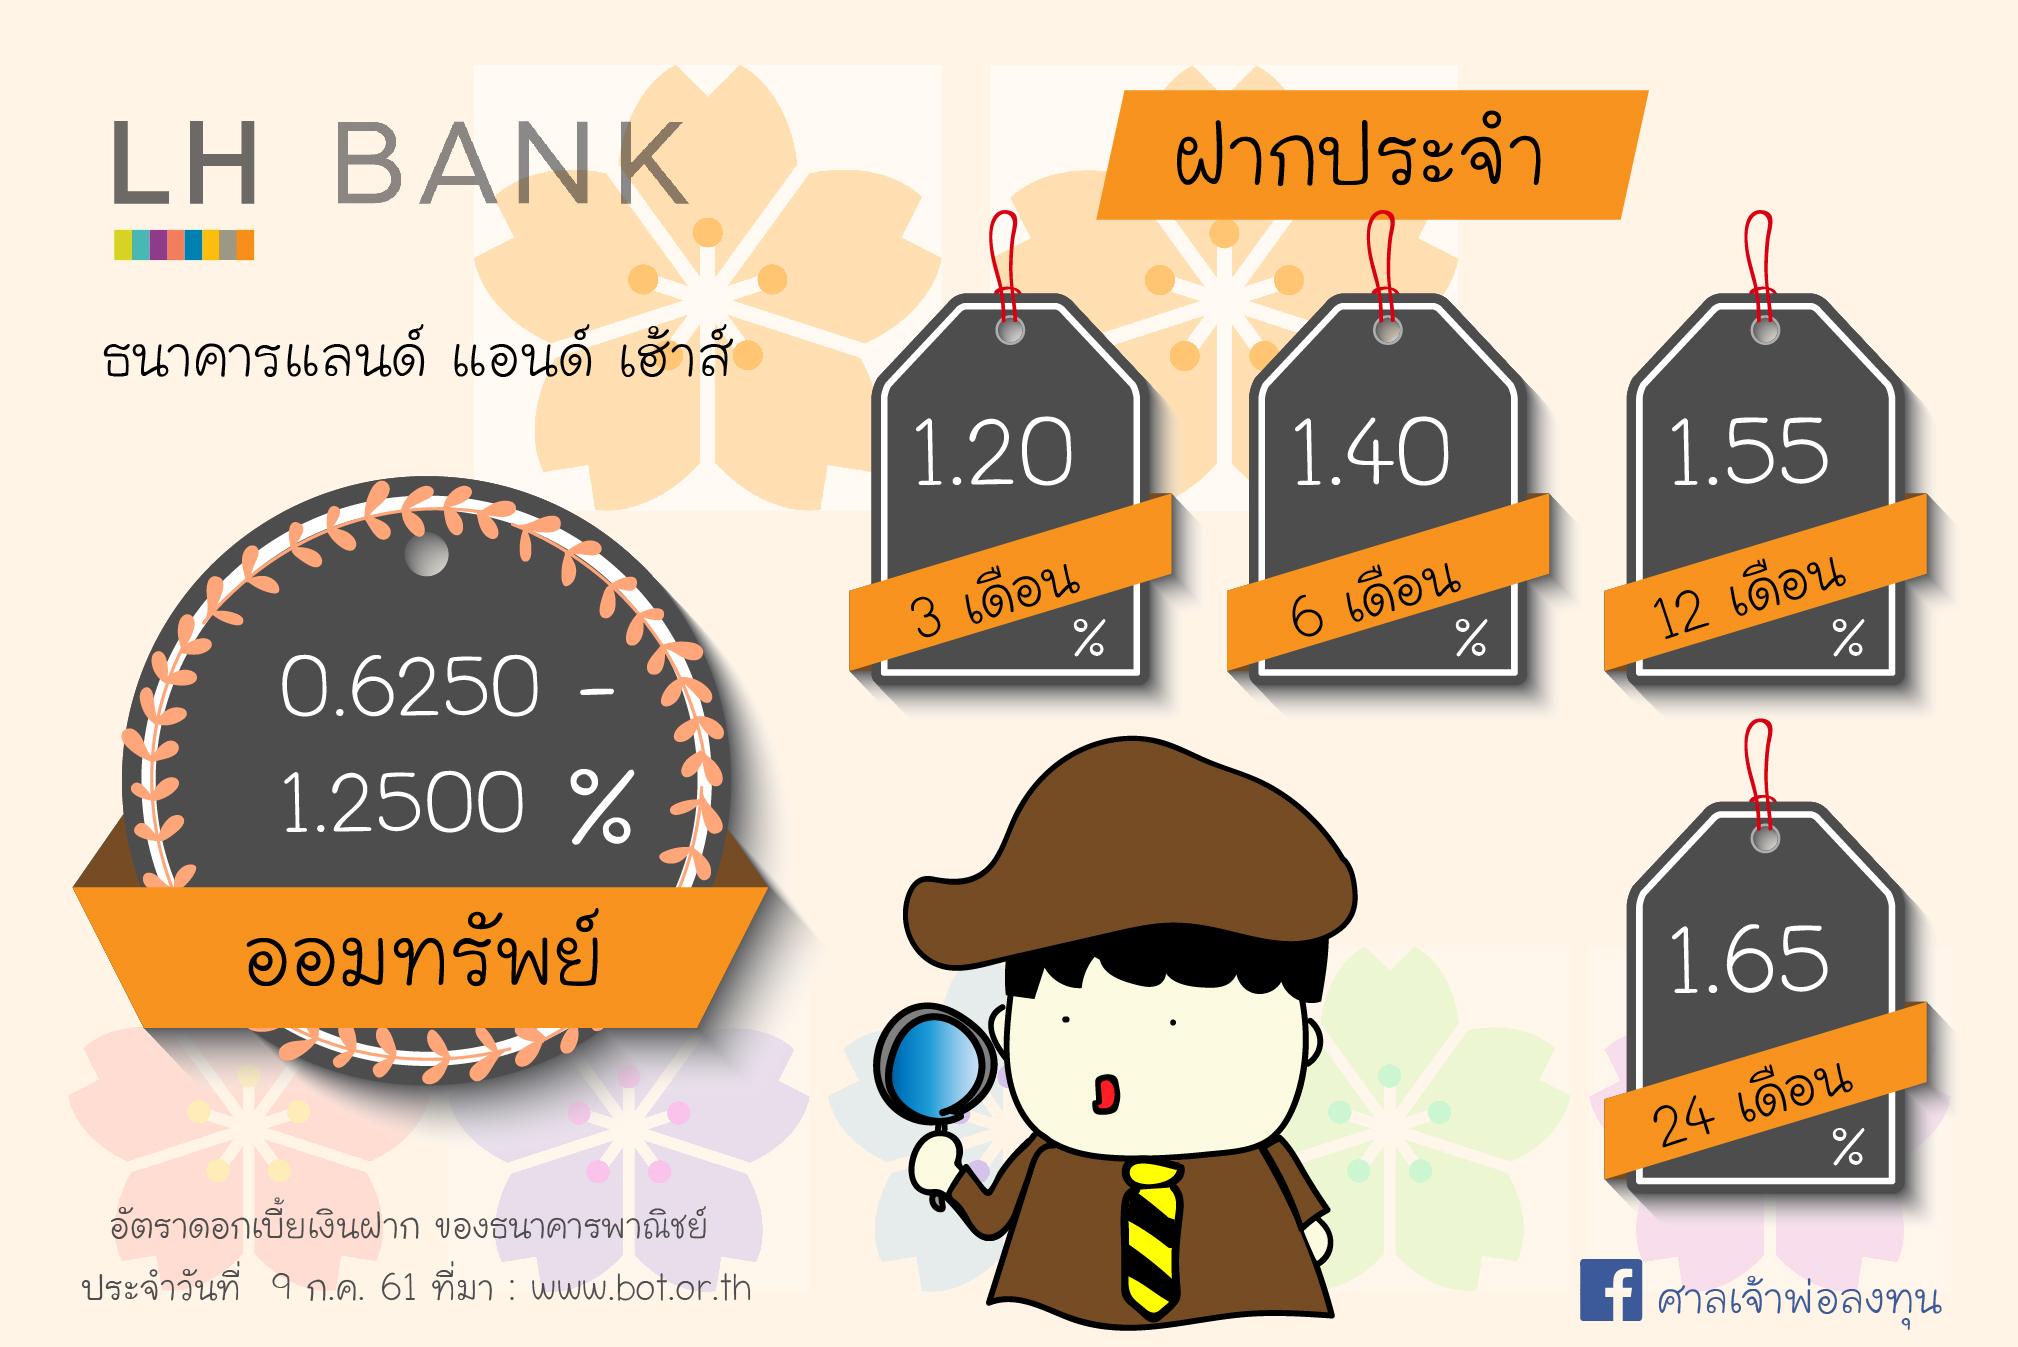 ศาลเจ้าพ่อลงทุน - เปรียบเทียบดอกเบี้ยธนาคาร -Jul18-12